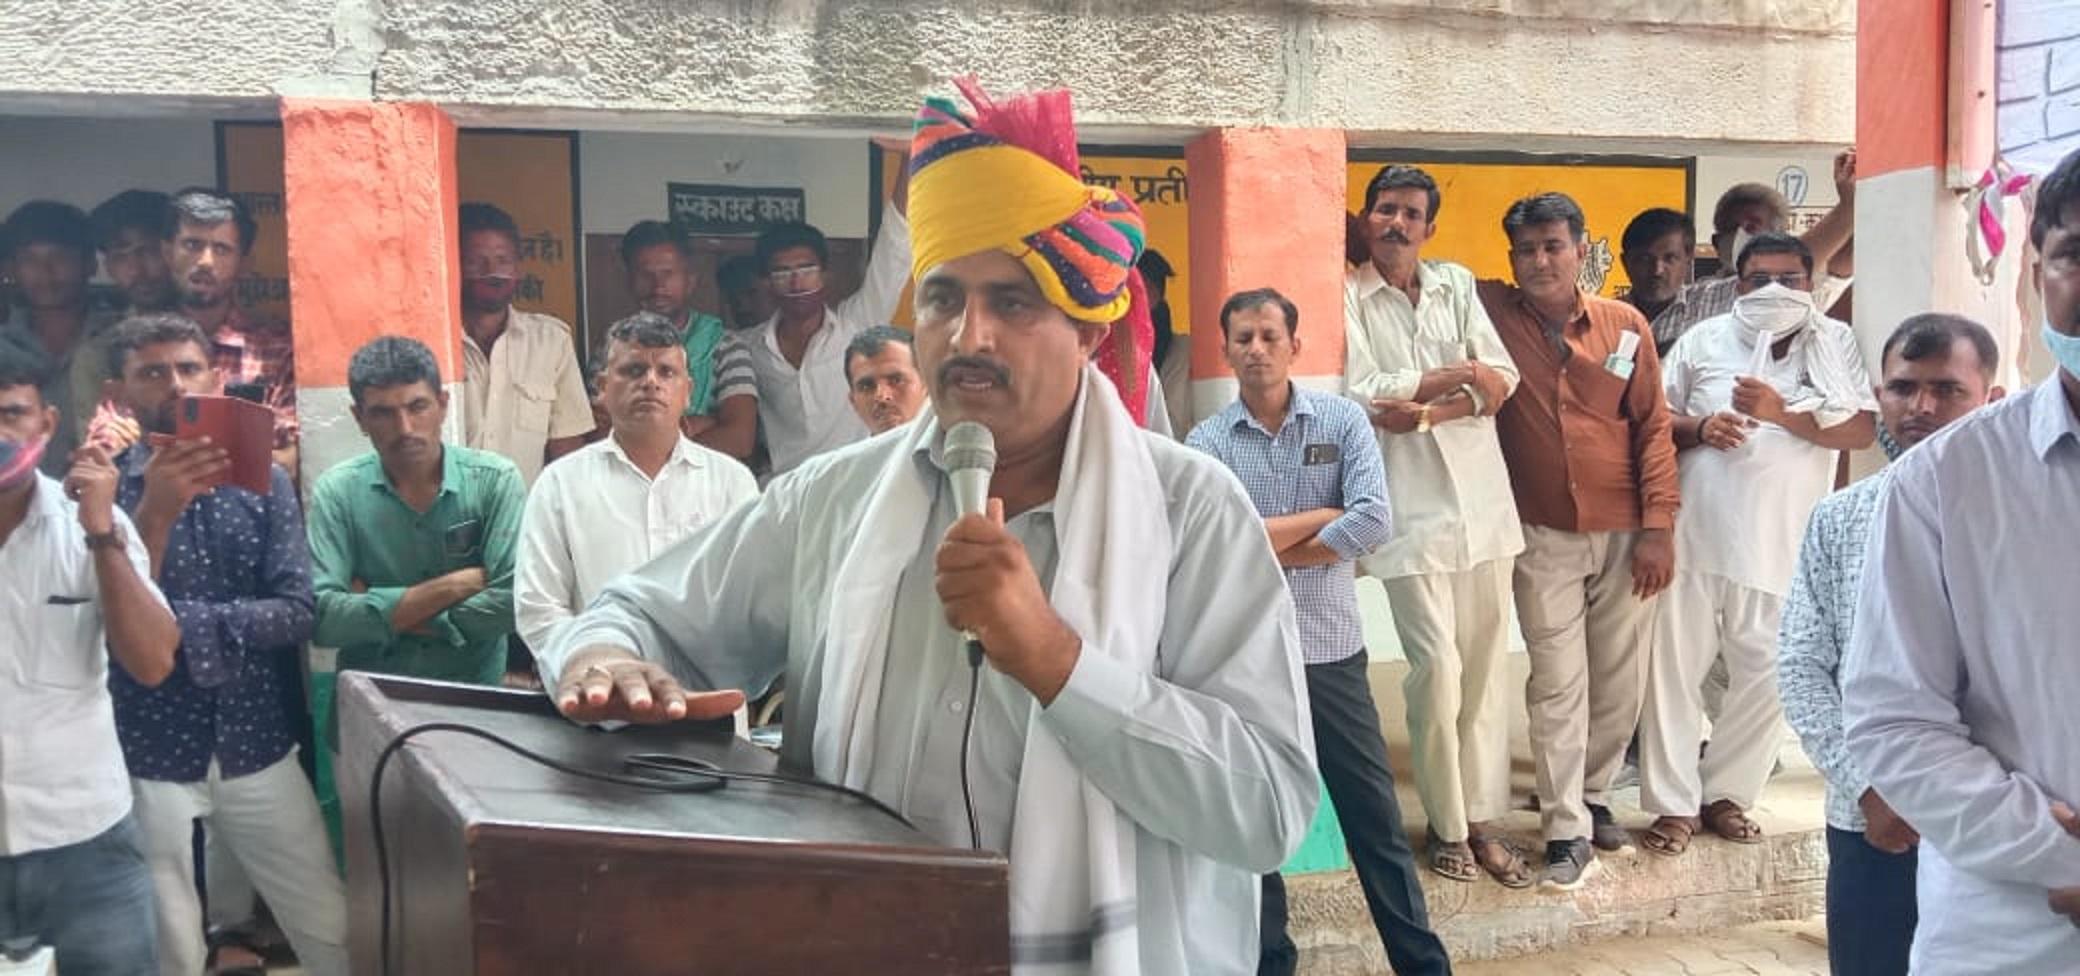 बारठ का गांव गौशाला में पौधारोपण कर दिया पर्यावरण चेतना का संदेश